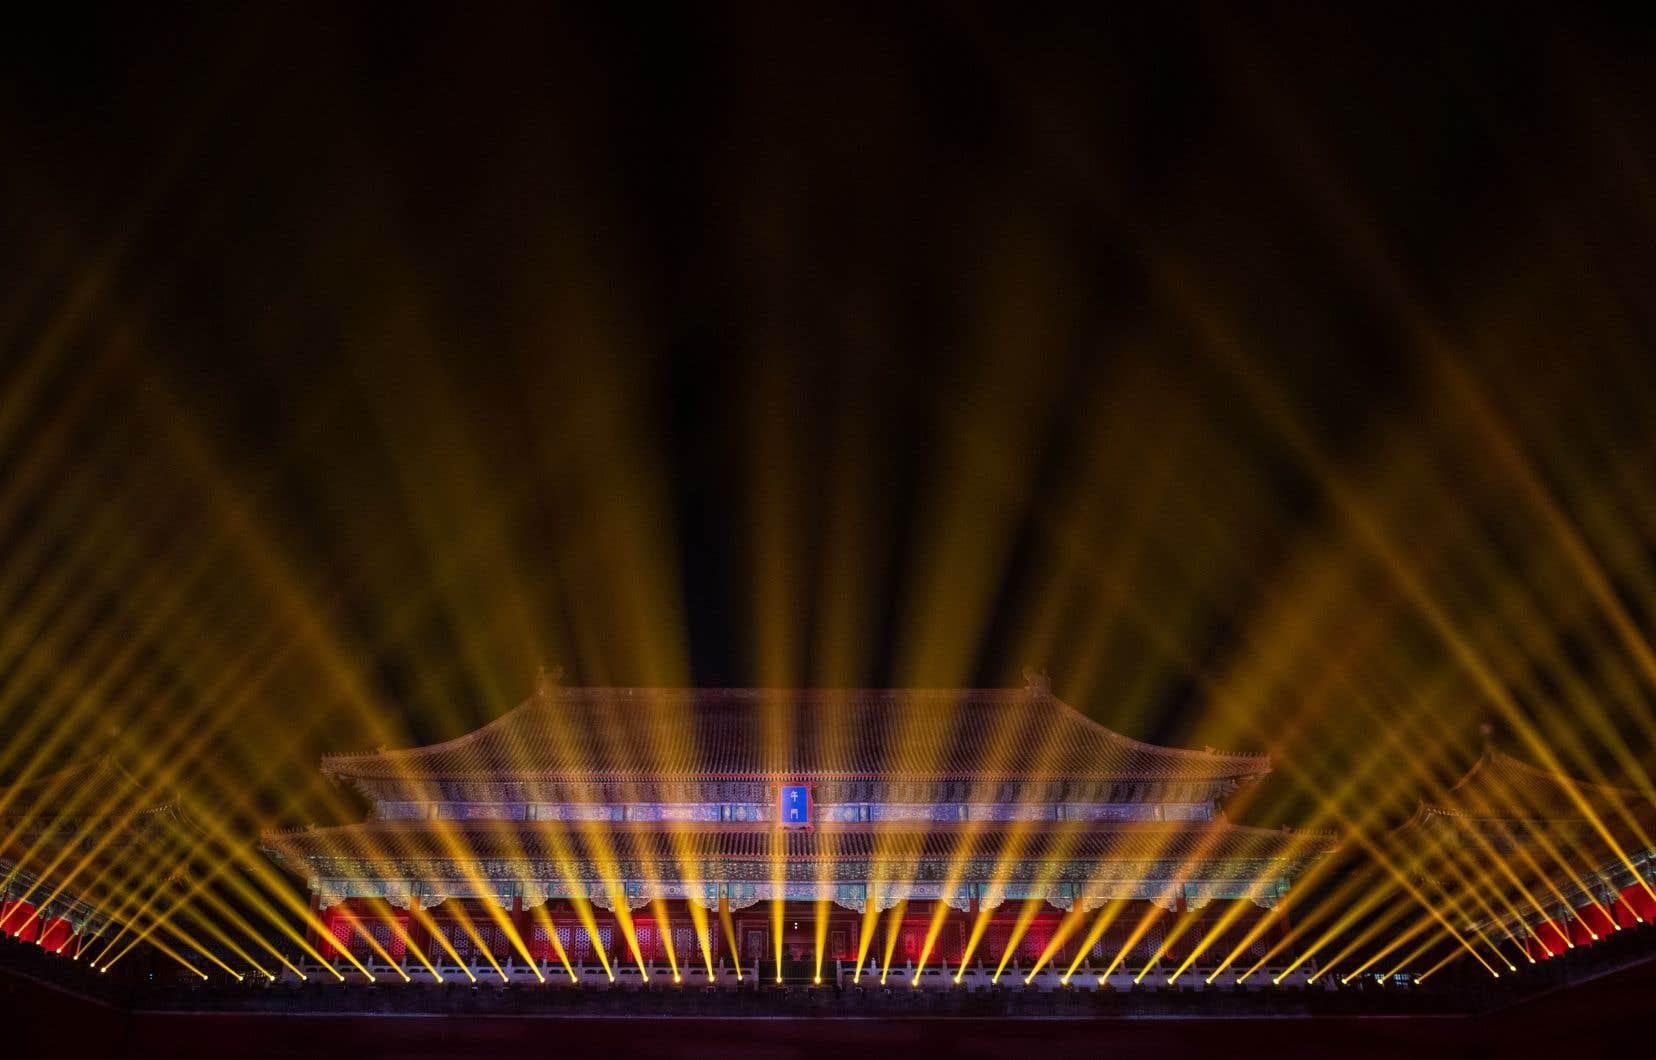 Dans une féérie de couleurs et de lasers striant le ciel, les toits d'or de l'antique cité se sont illuminés de couleurs inédites.